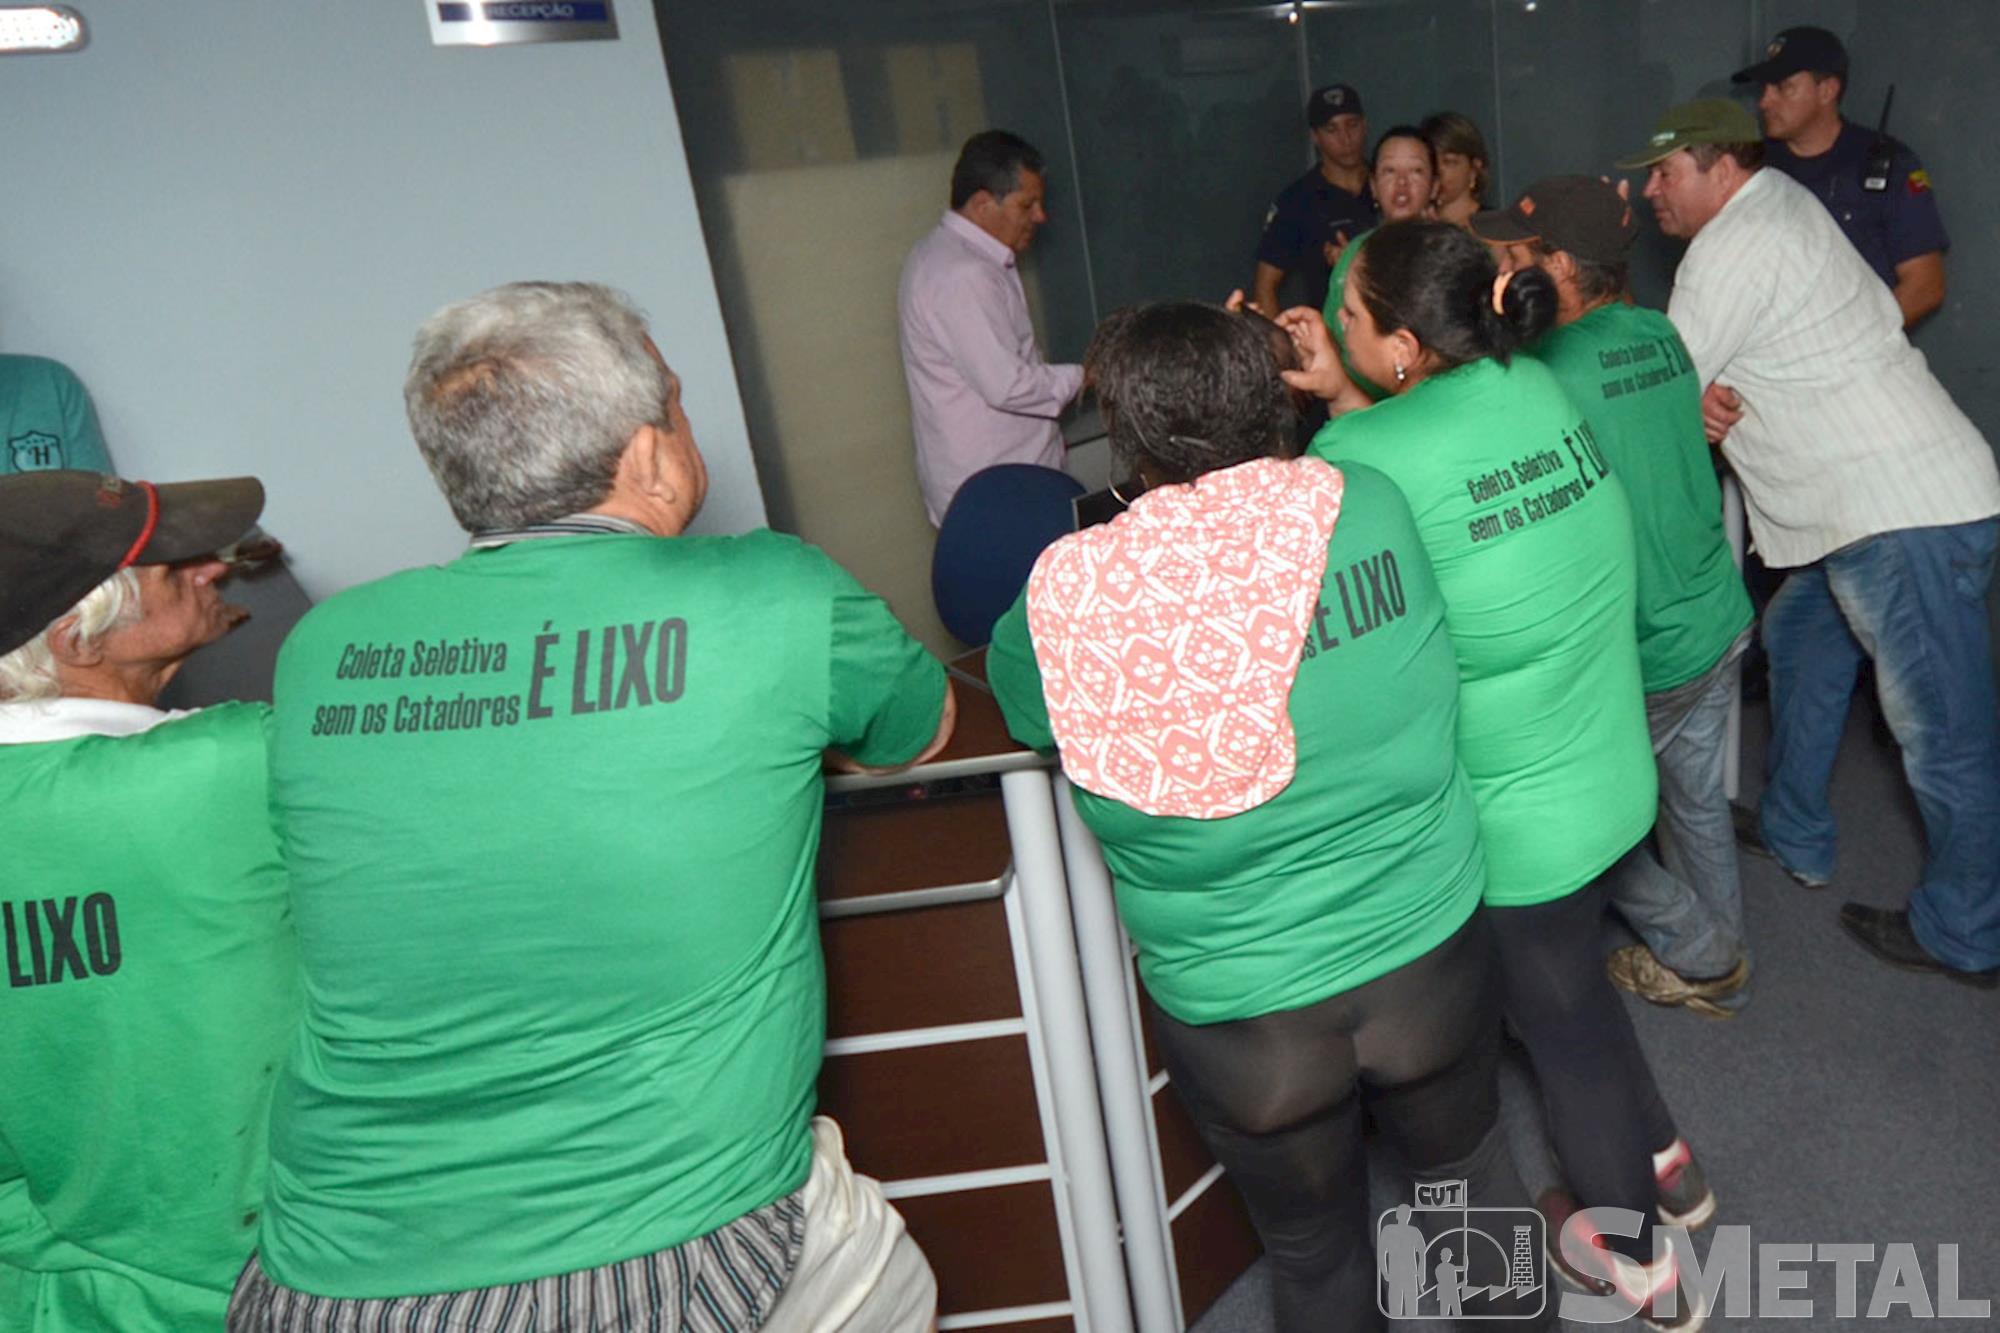 Prefeitura ameaça Coreso e catadores ocupam antessala do prefeito